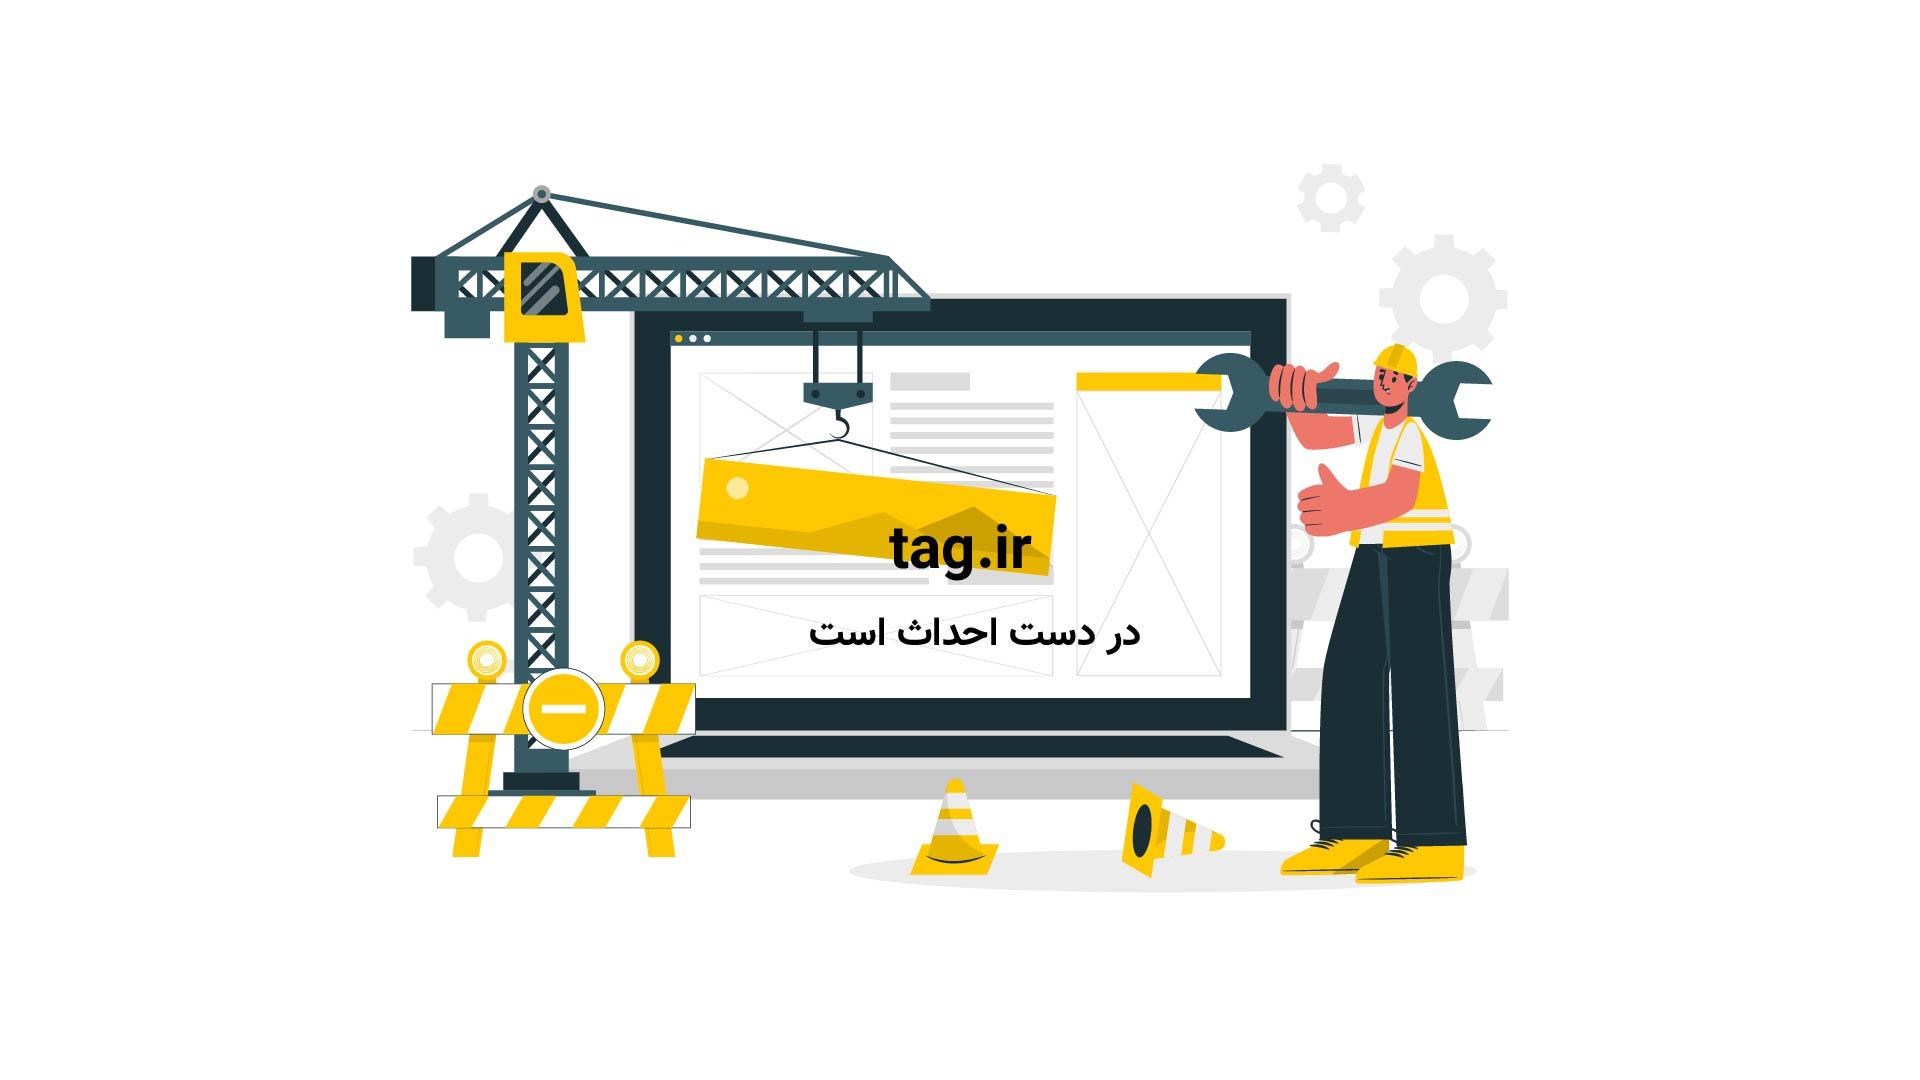 فیلم طولانی ترین و مرتفع ترین پل شیشهای جهان در چین